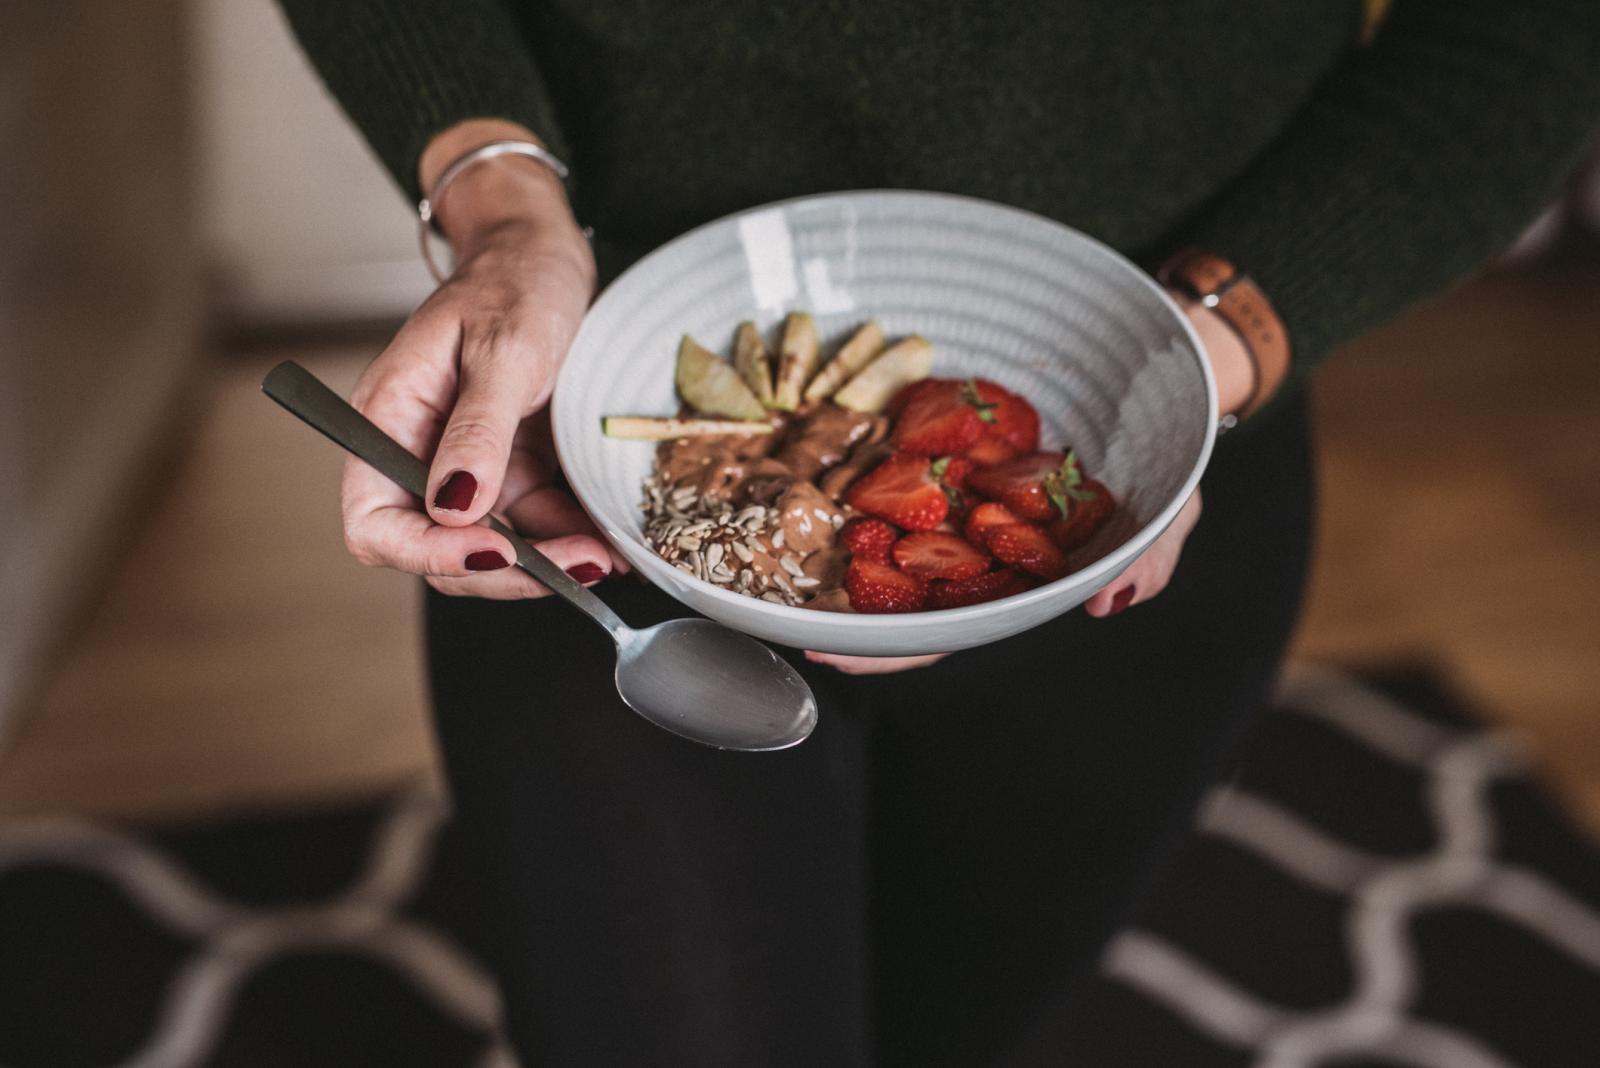 Upoznajte nutritivno bogatstvo sjemenki i klica i iskreno vjerujemo da ćete ih s razlogom zavoljeti.